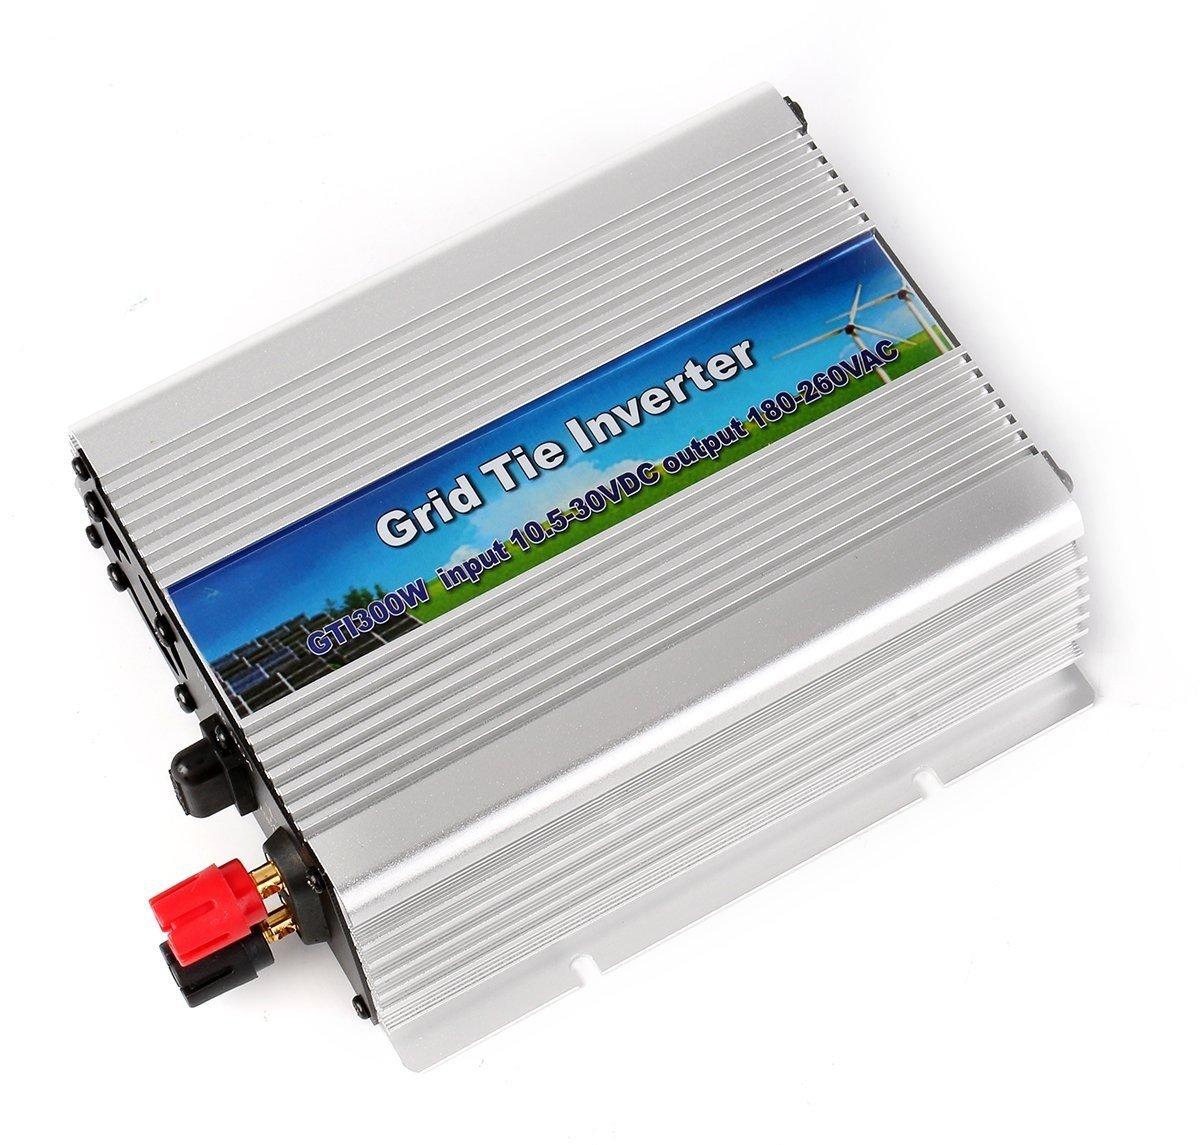 Hsdmwjd auto inverter/inverter/300 W Grid Connected inverter/MPPT Home pannello solare/sistema generatore sistema, ingresso DC 10.5 V-30 V, uscita AC 180 V-260 V catalizzatore ingresso DC 10.5V-30V